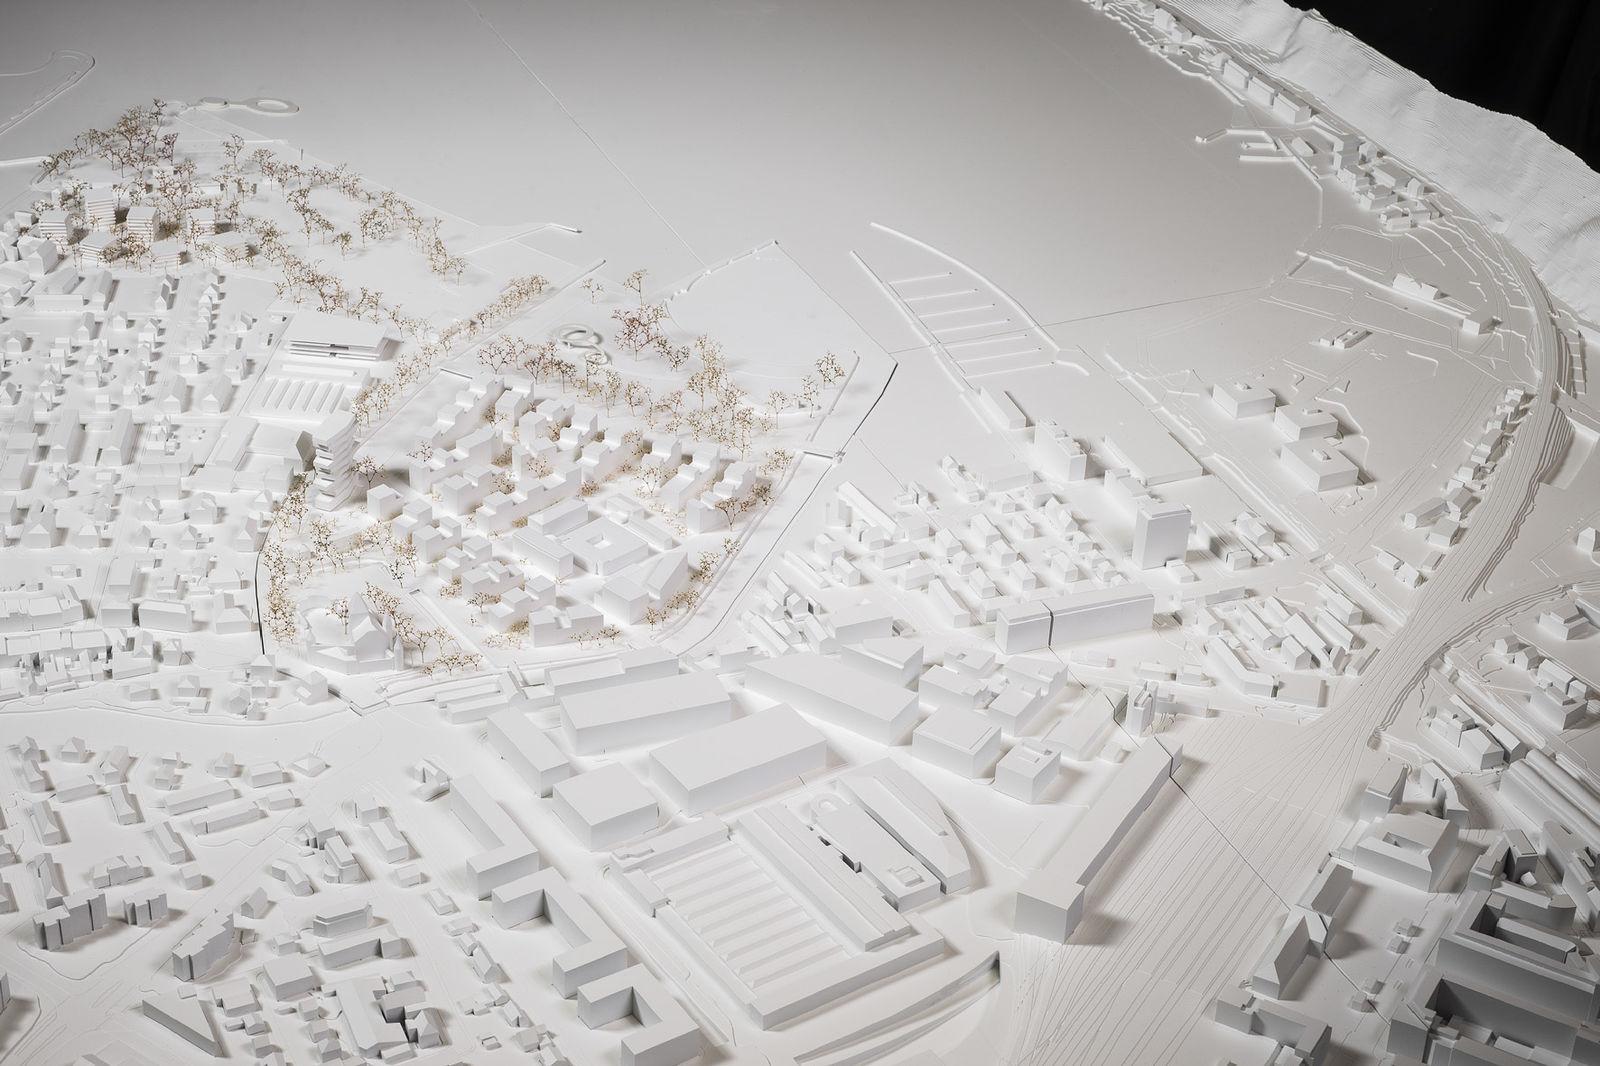 Städtebaulicher Ideenwettbewerb AGGLOlac, Nidau, bauzeit architekten, citélac